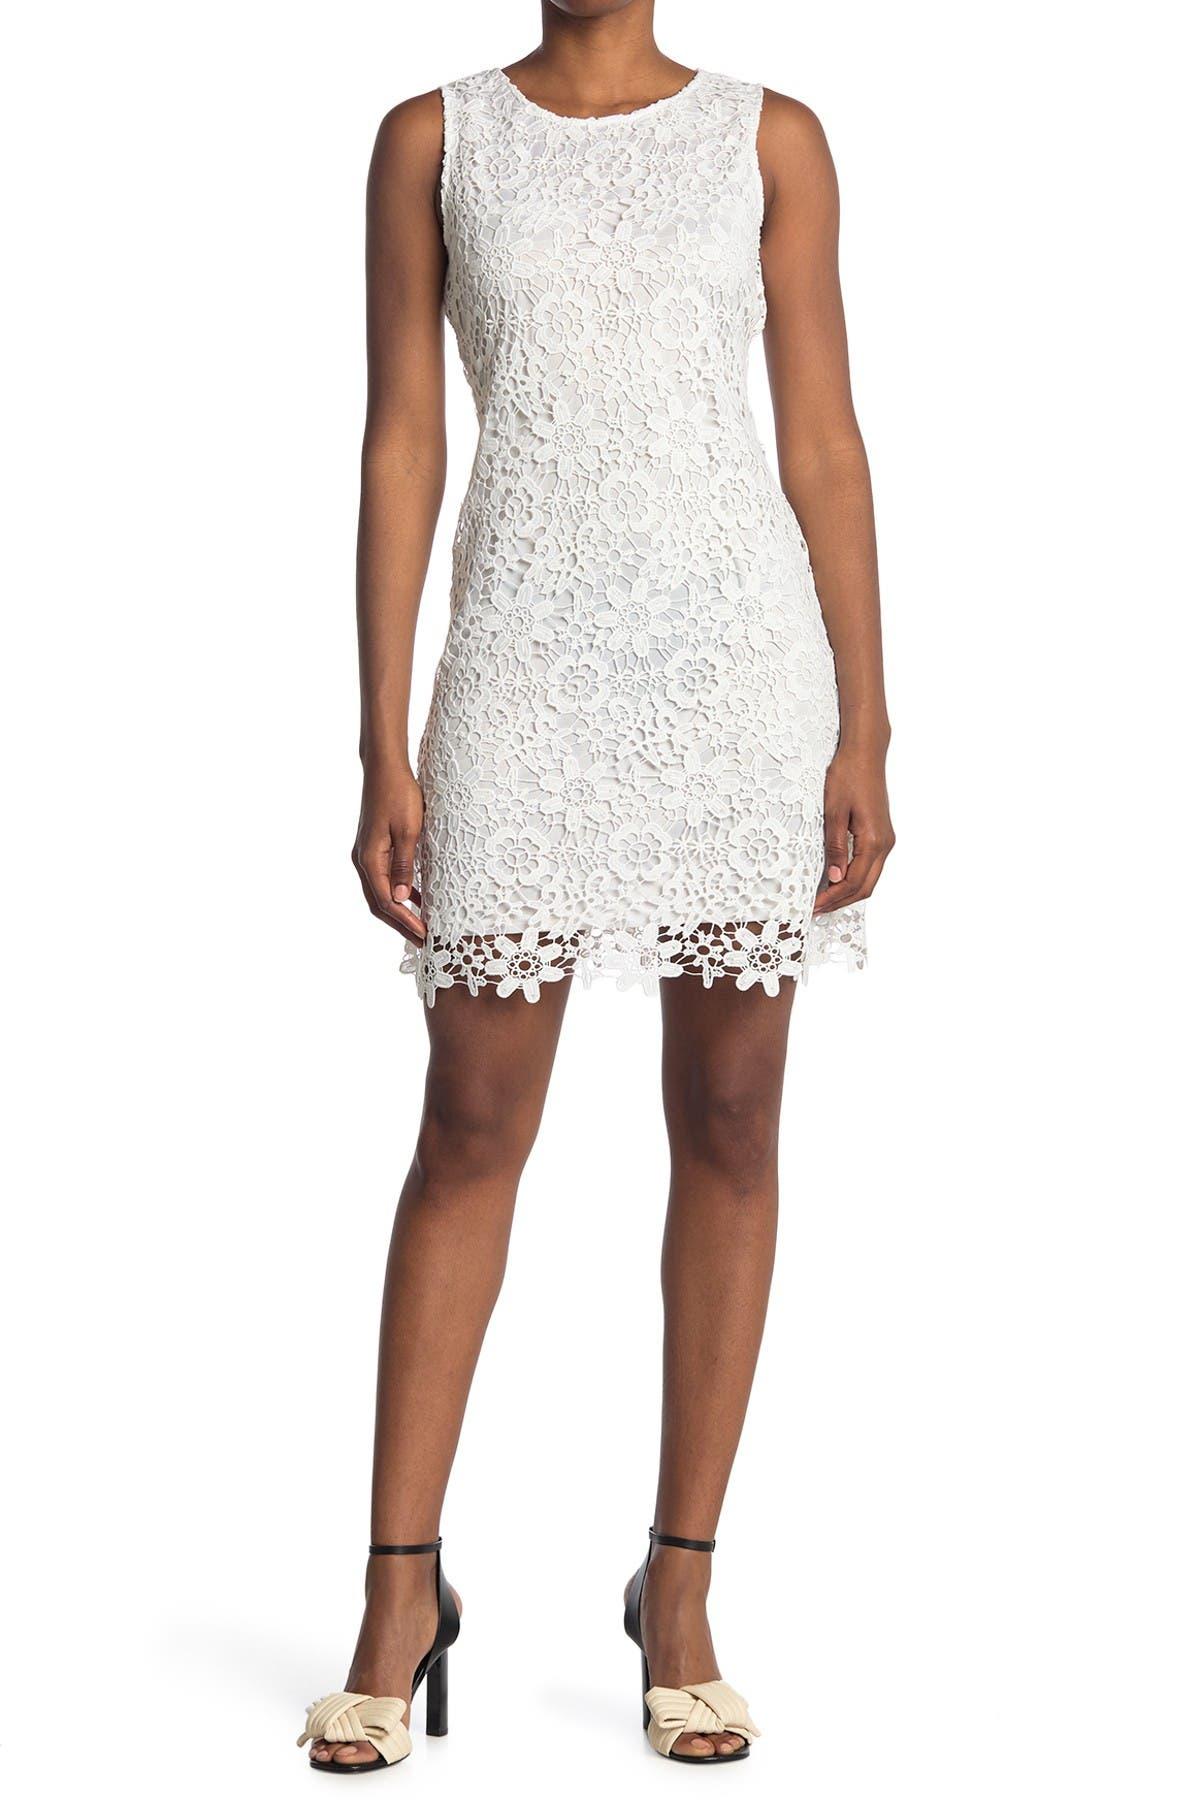 Image of bebe Chemical Lace Sheath Dress